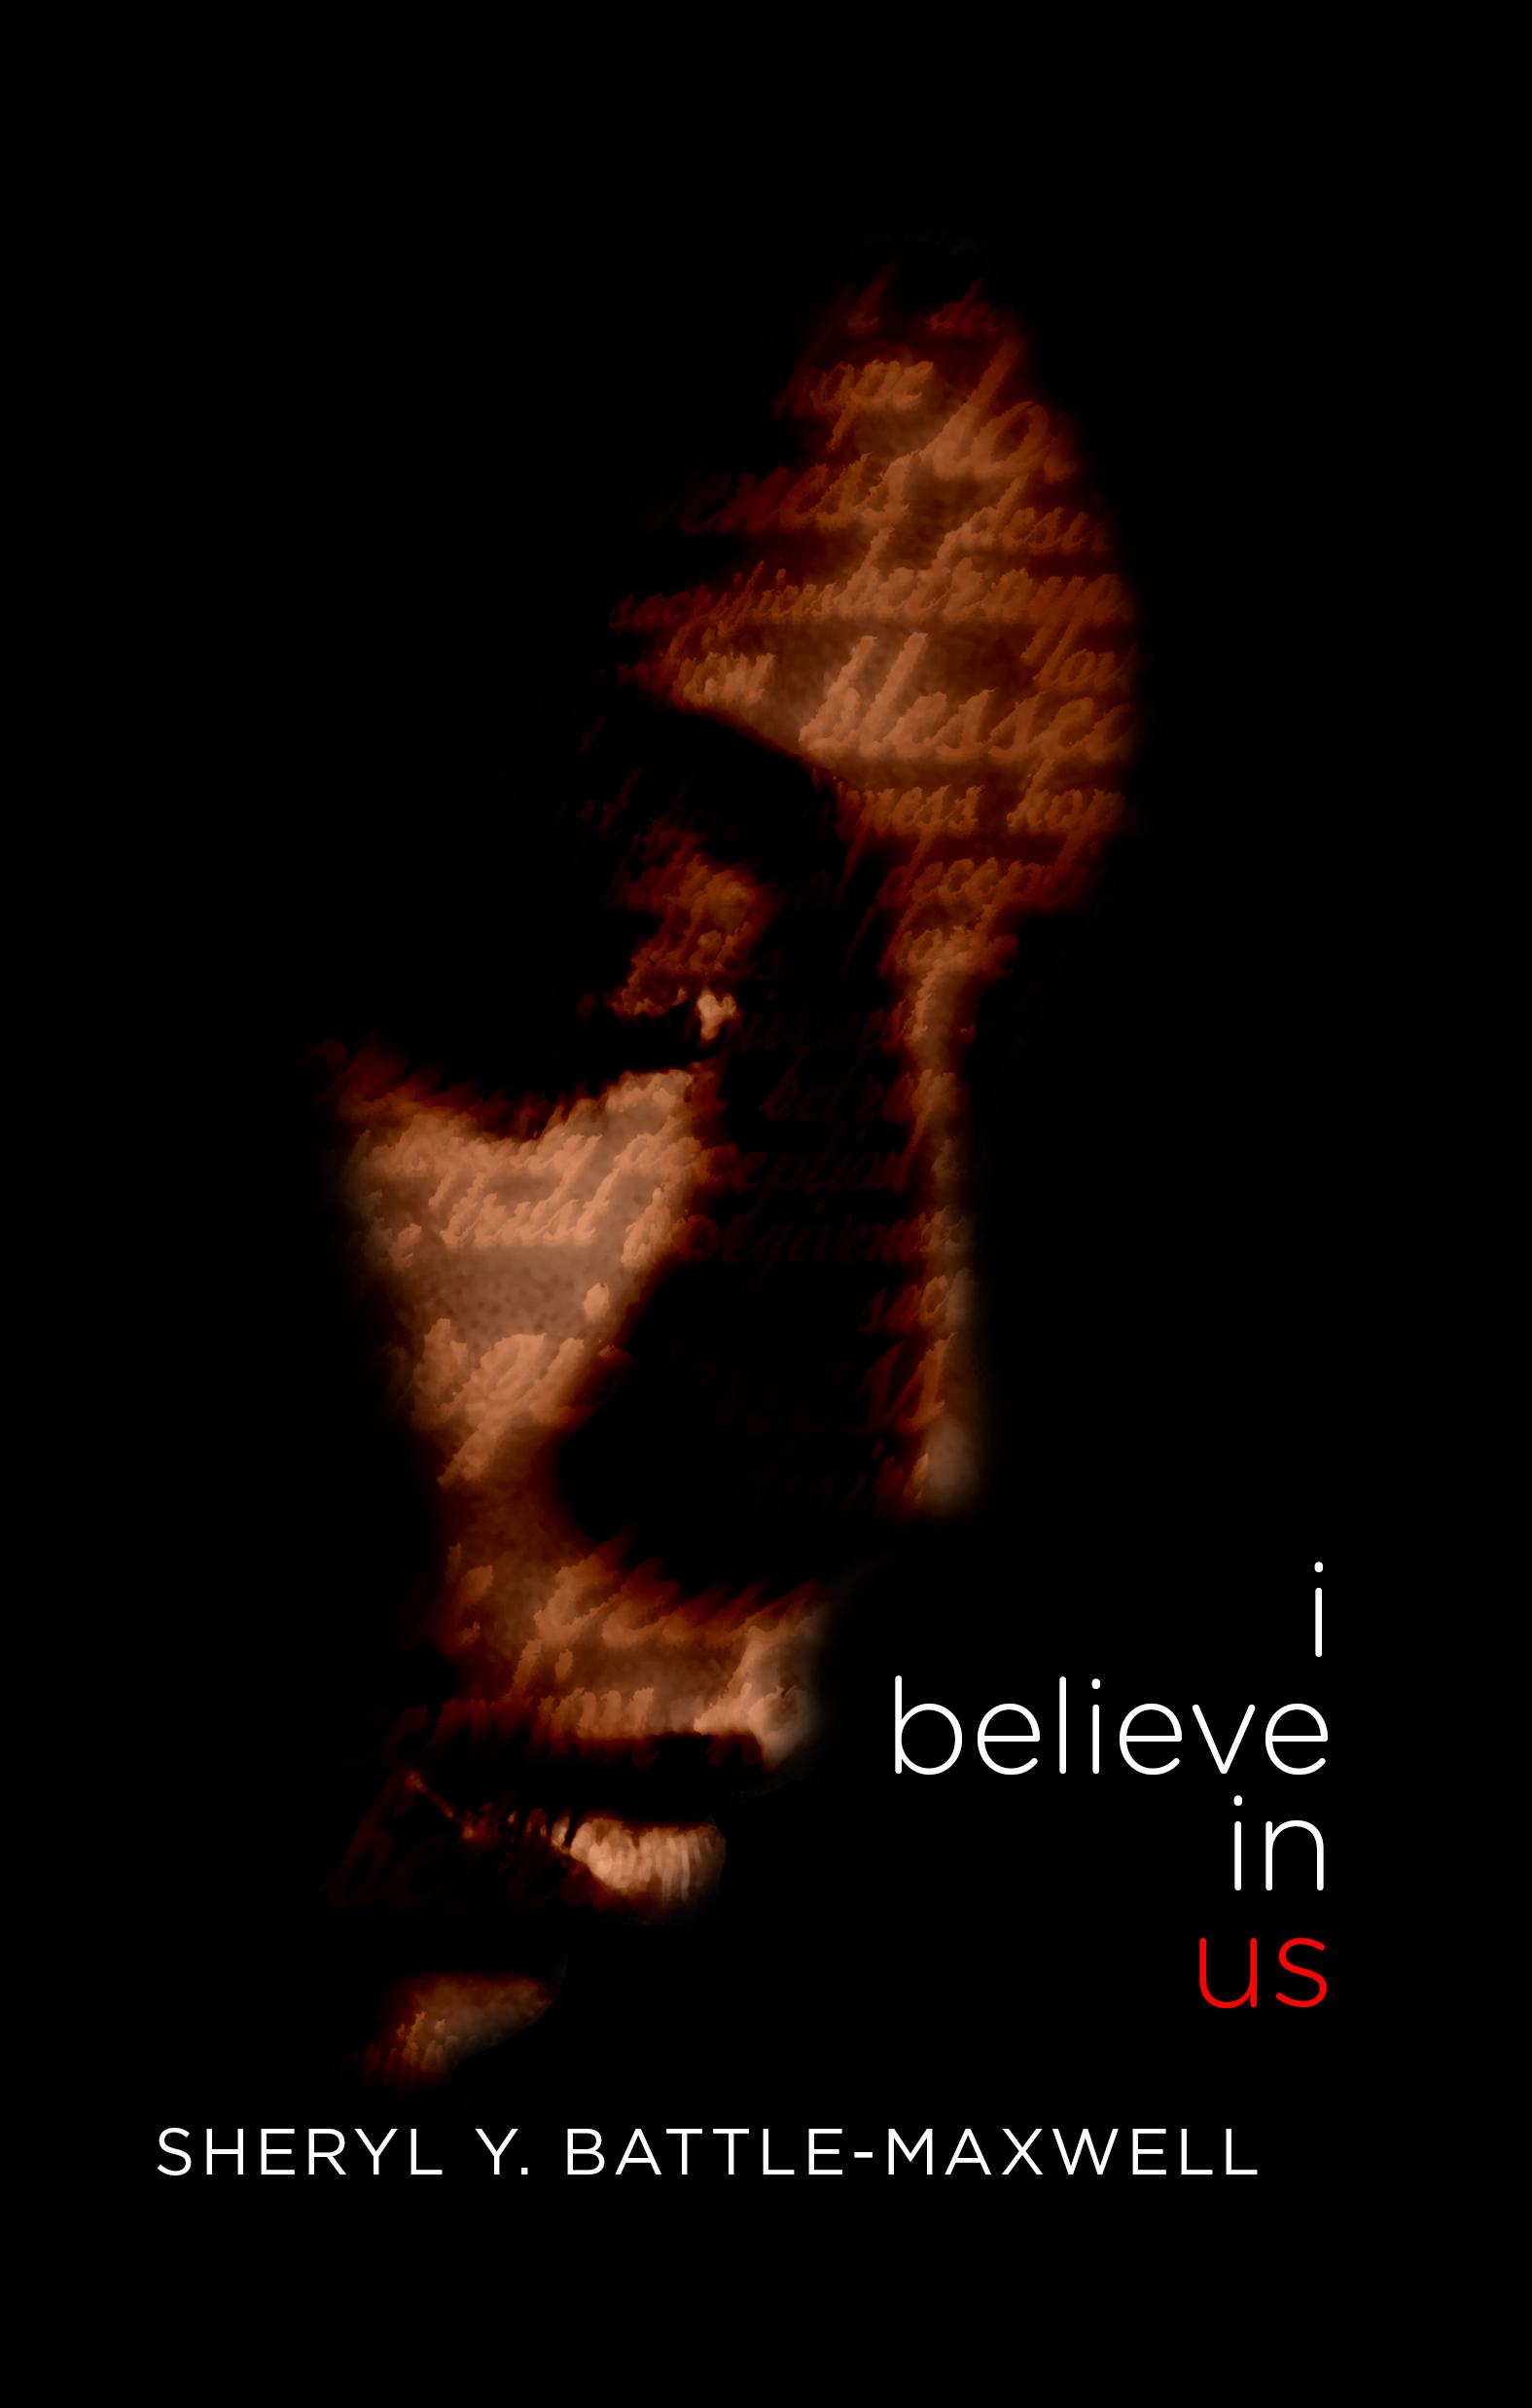 I Believe In Us Sheryl Y. Battle-Maxwell